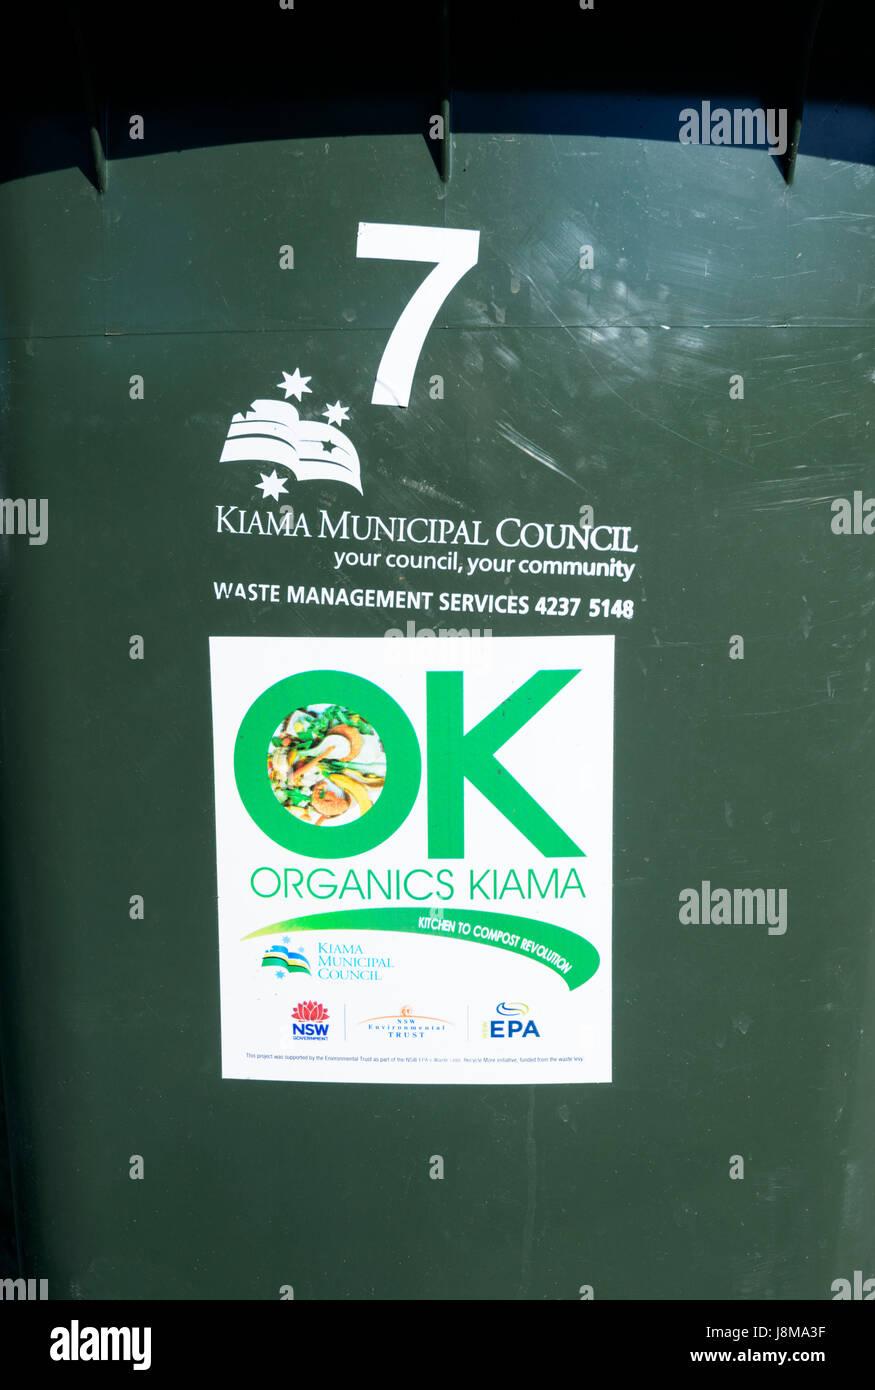 Signe de recyclage sur un bac pour le compost des éléments organiques, Kiama, New South Wales, NSW, Australie Photo Stock